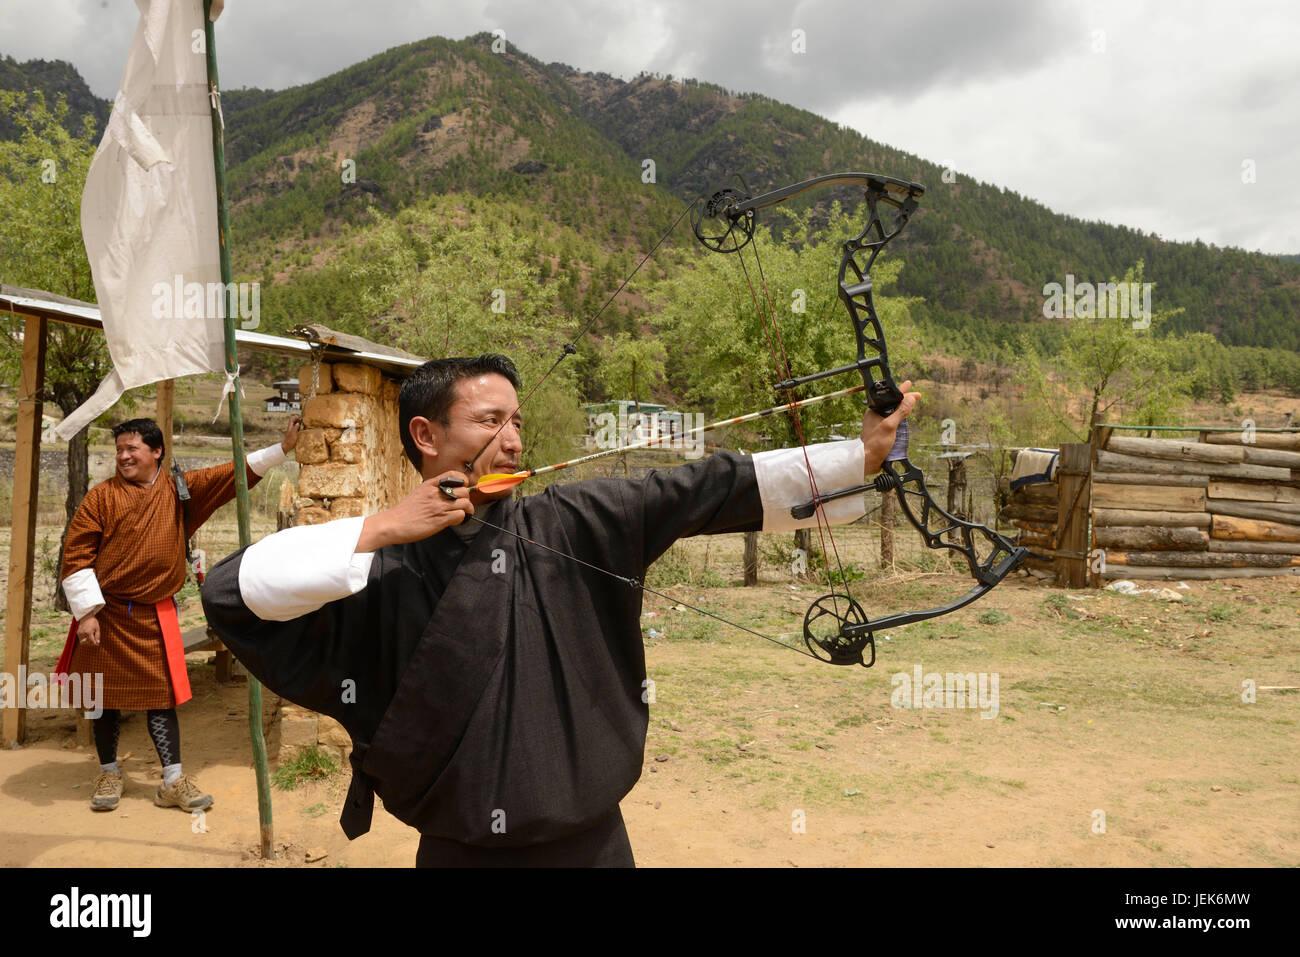 Man praticando sport nazionale di tiro con l'arco, Thimphu, Bhutan, asia Immagini Stock